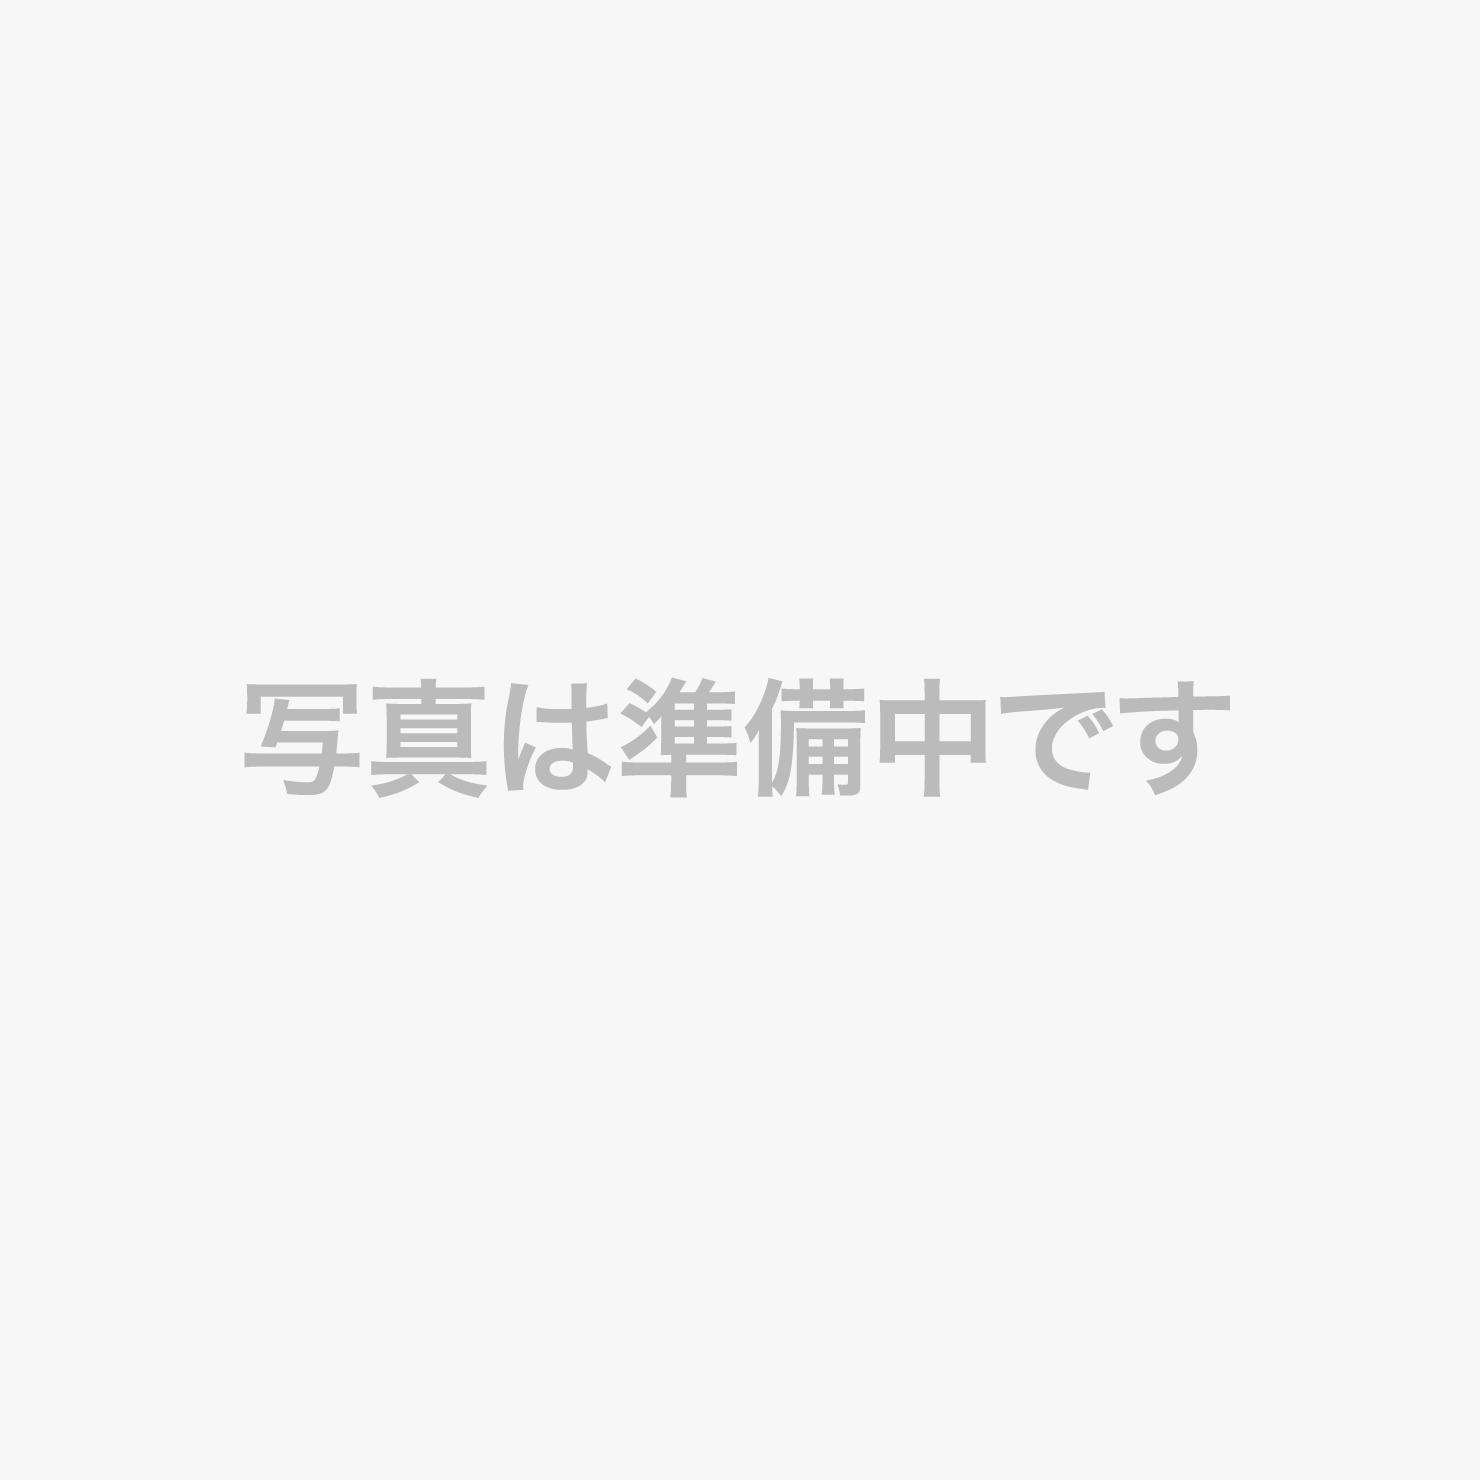 ユニバーサルダブル/26.5平米